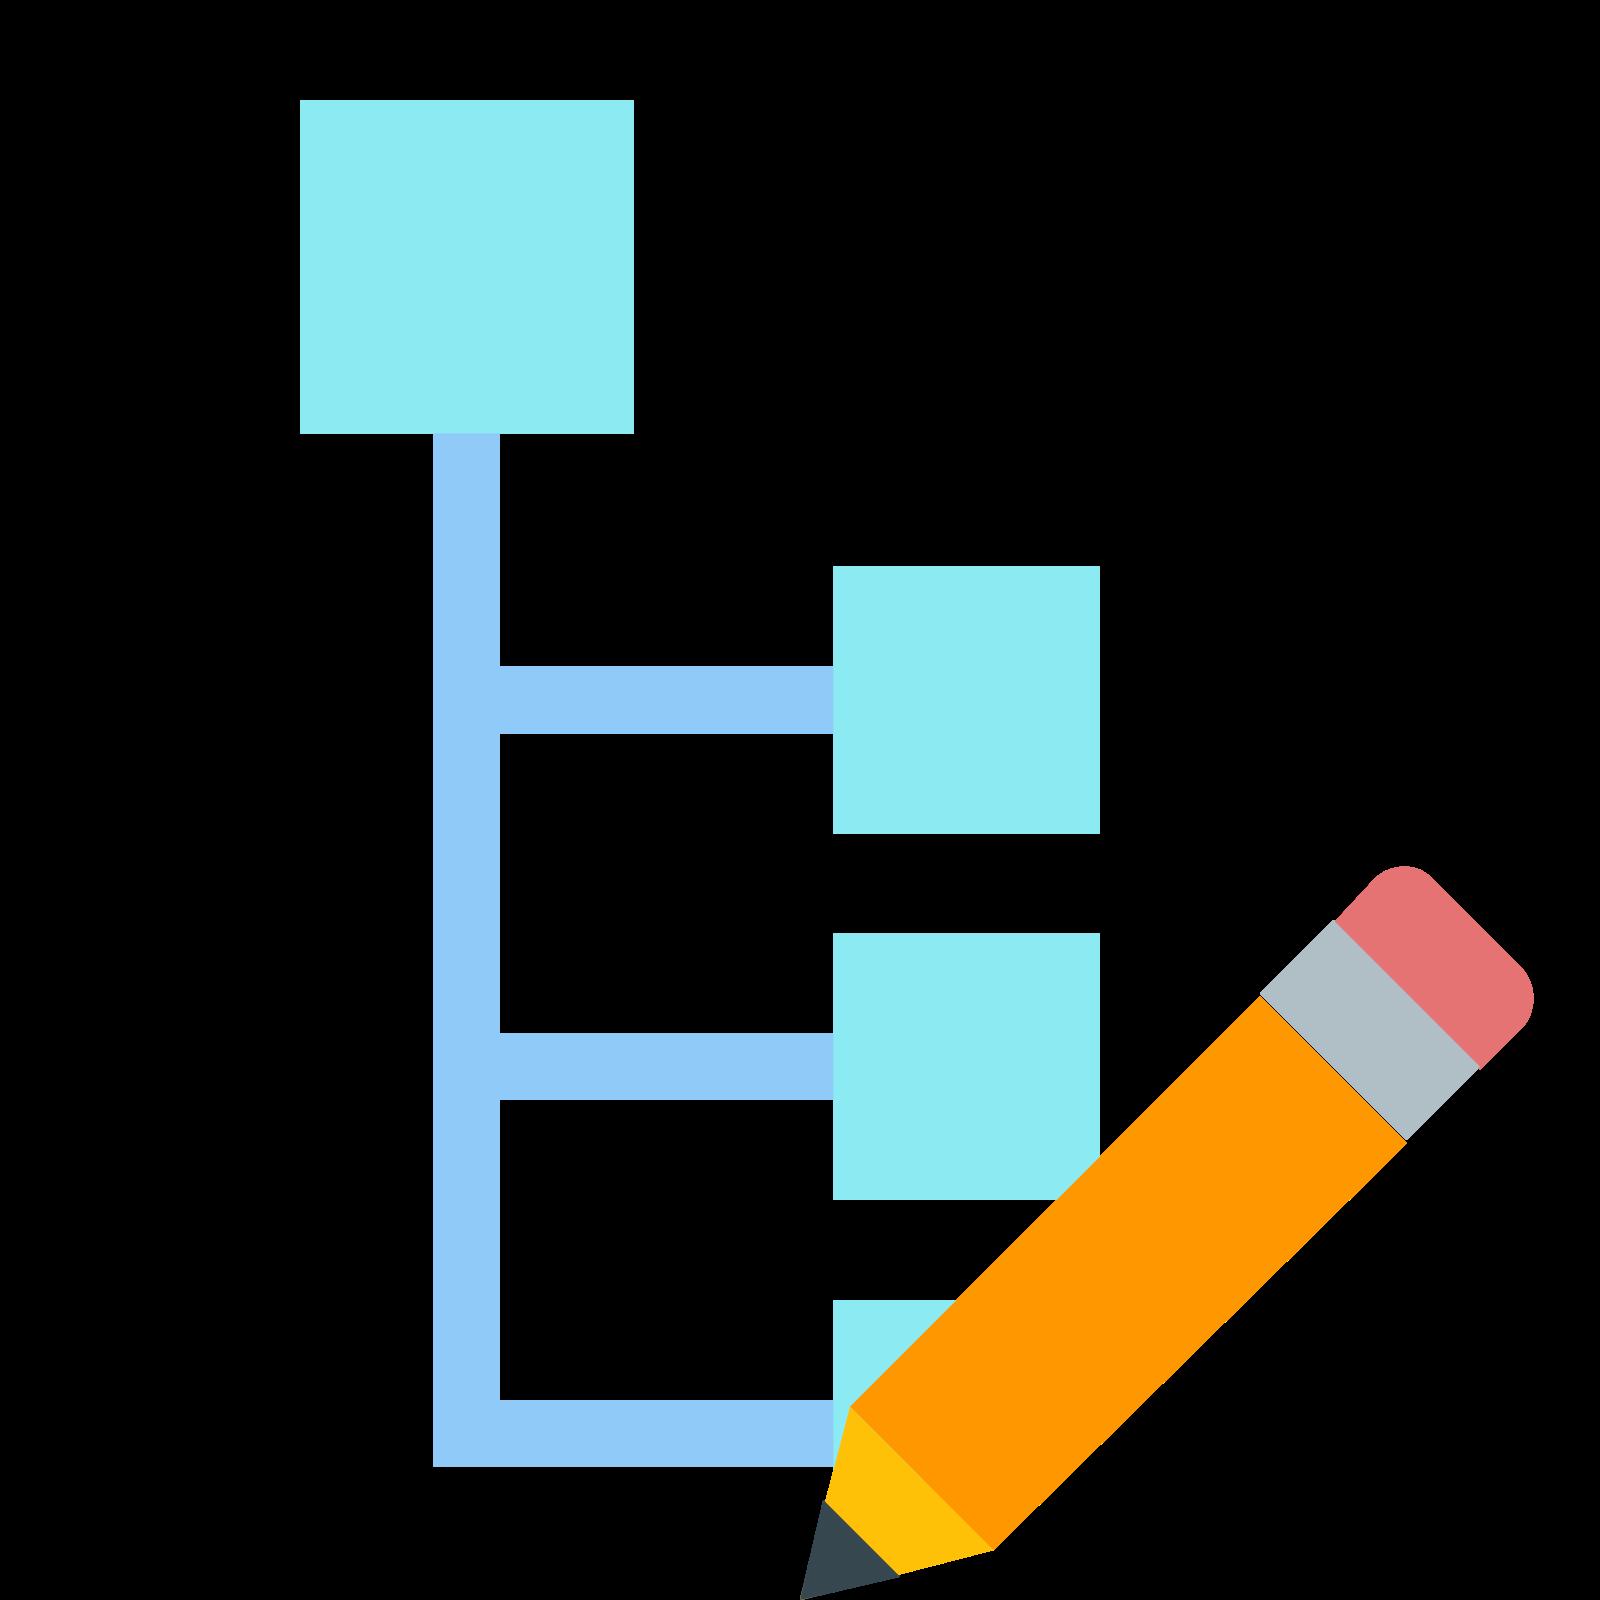 编辑节点 icon